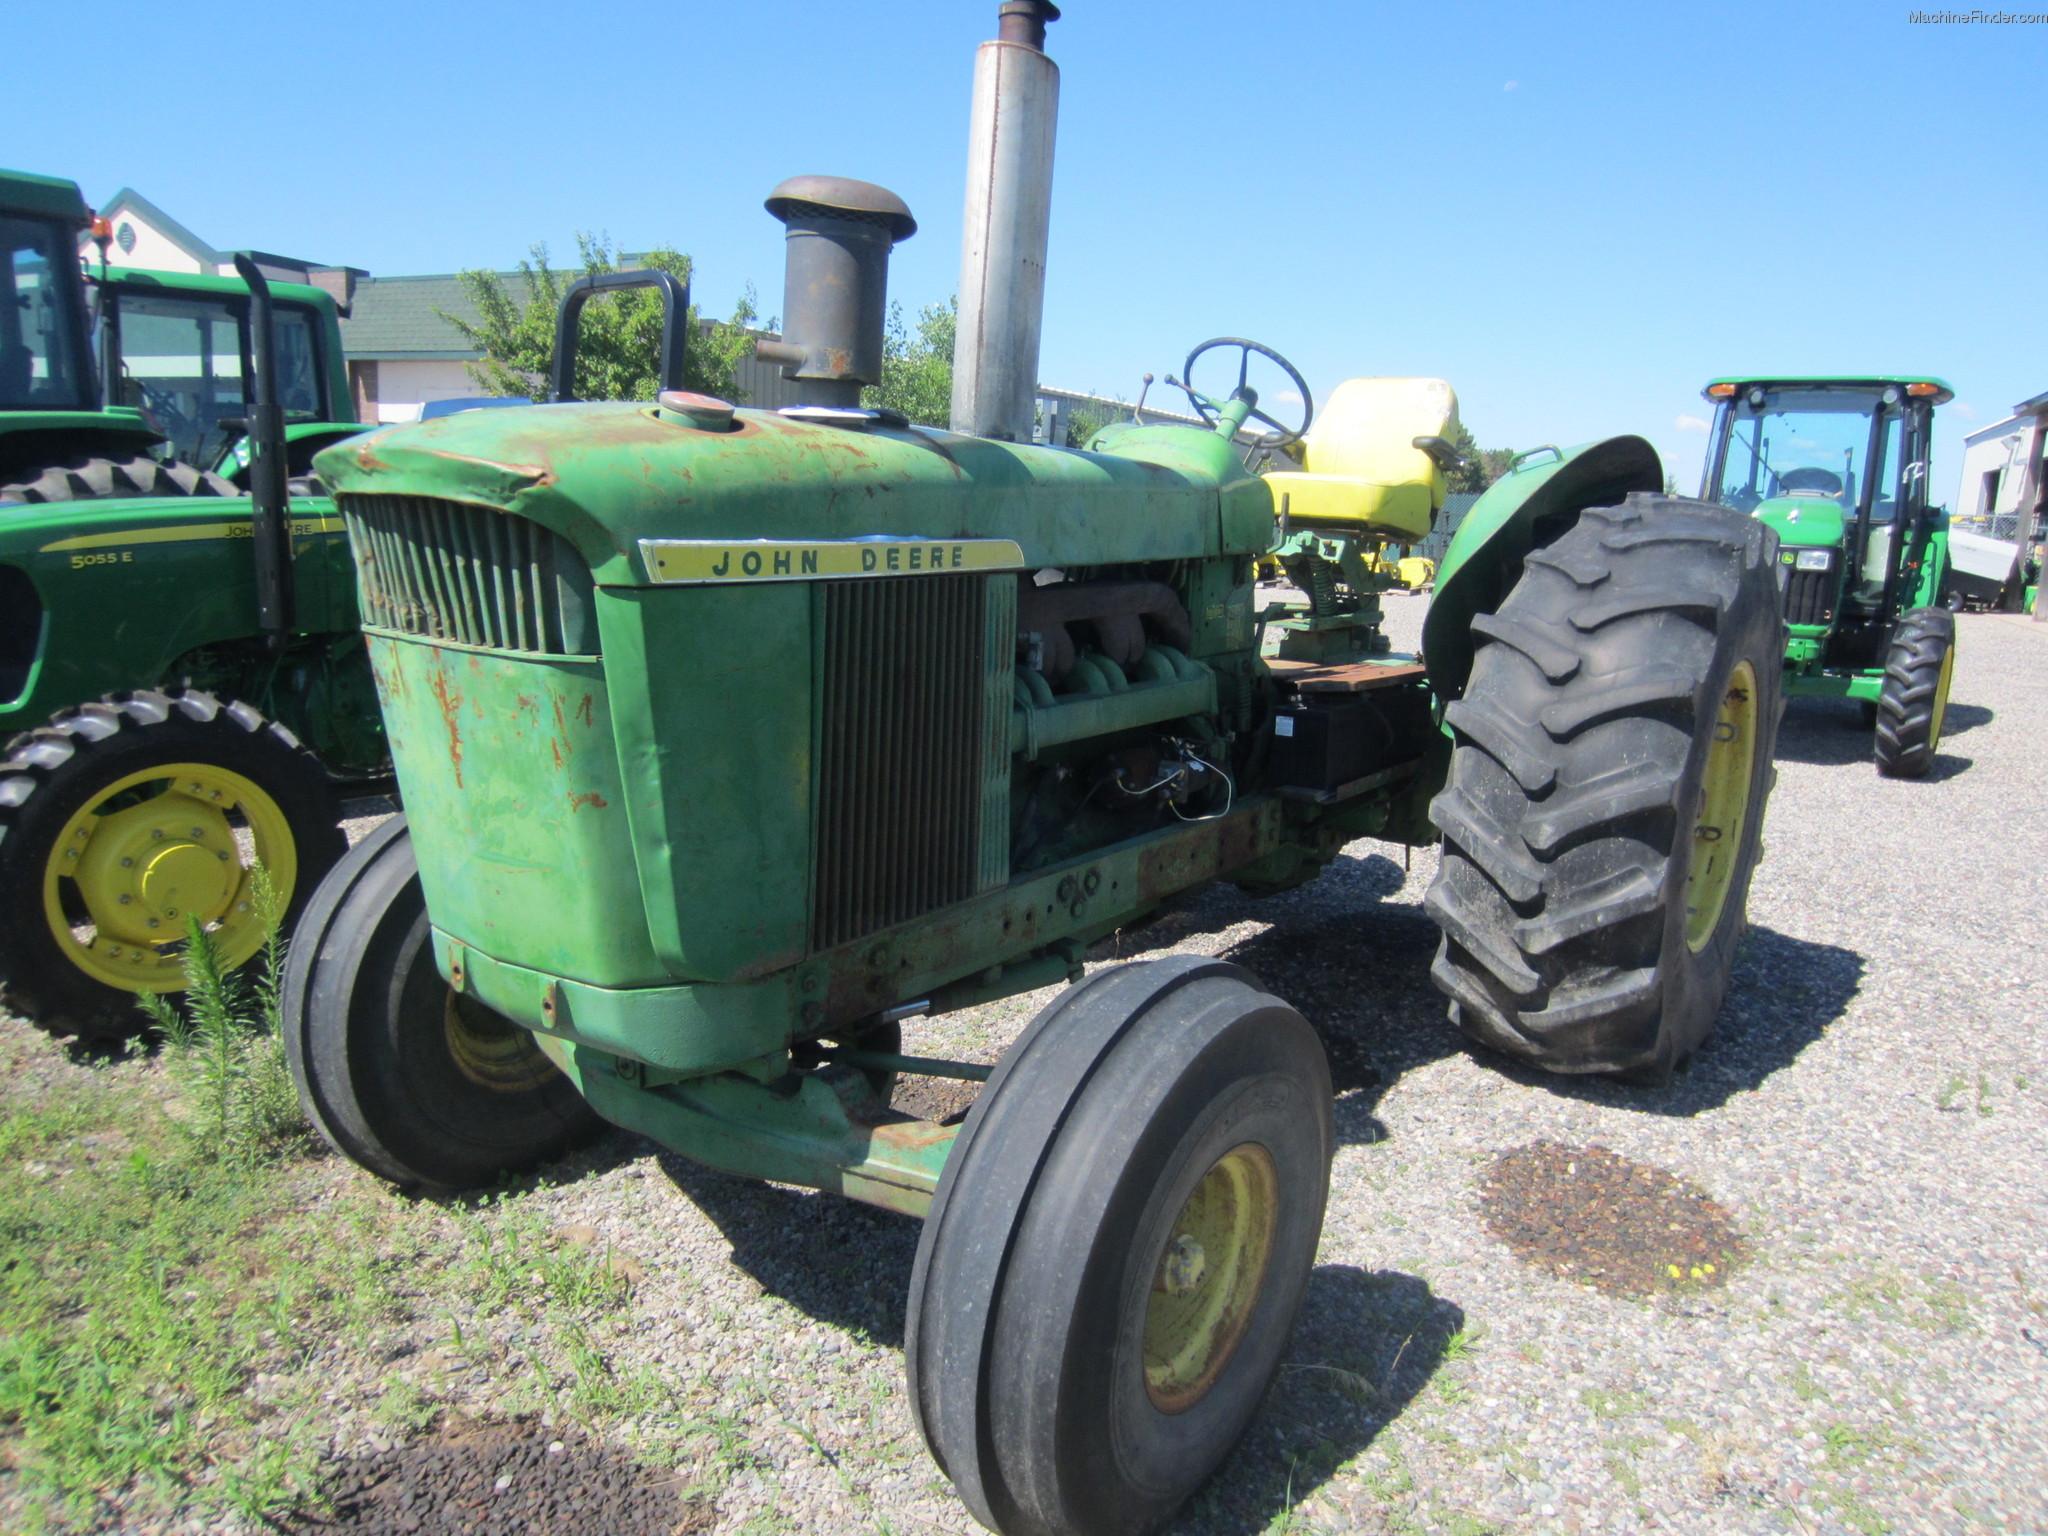 1968 John Deere 5020 Tractors - Row Crop (+100hp) - John ...